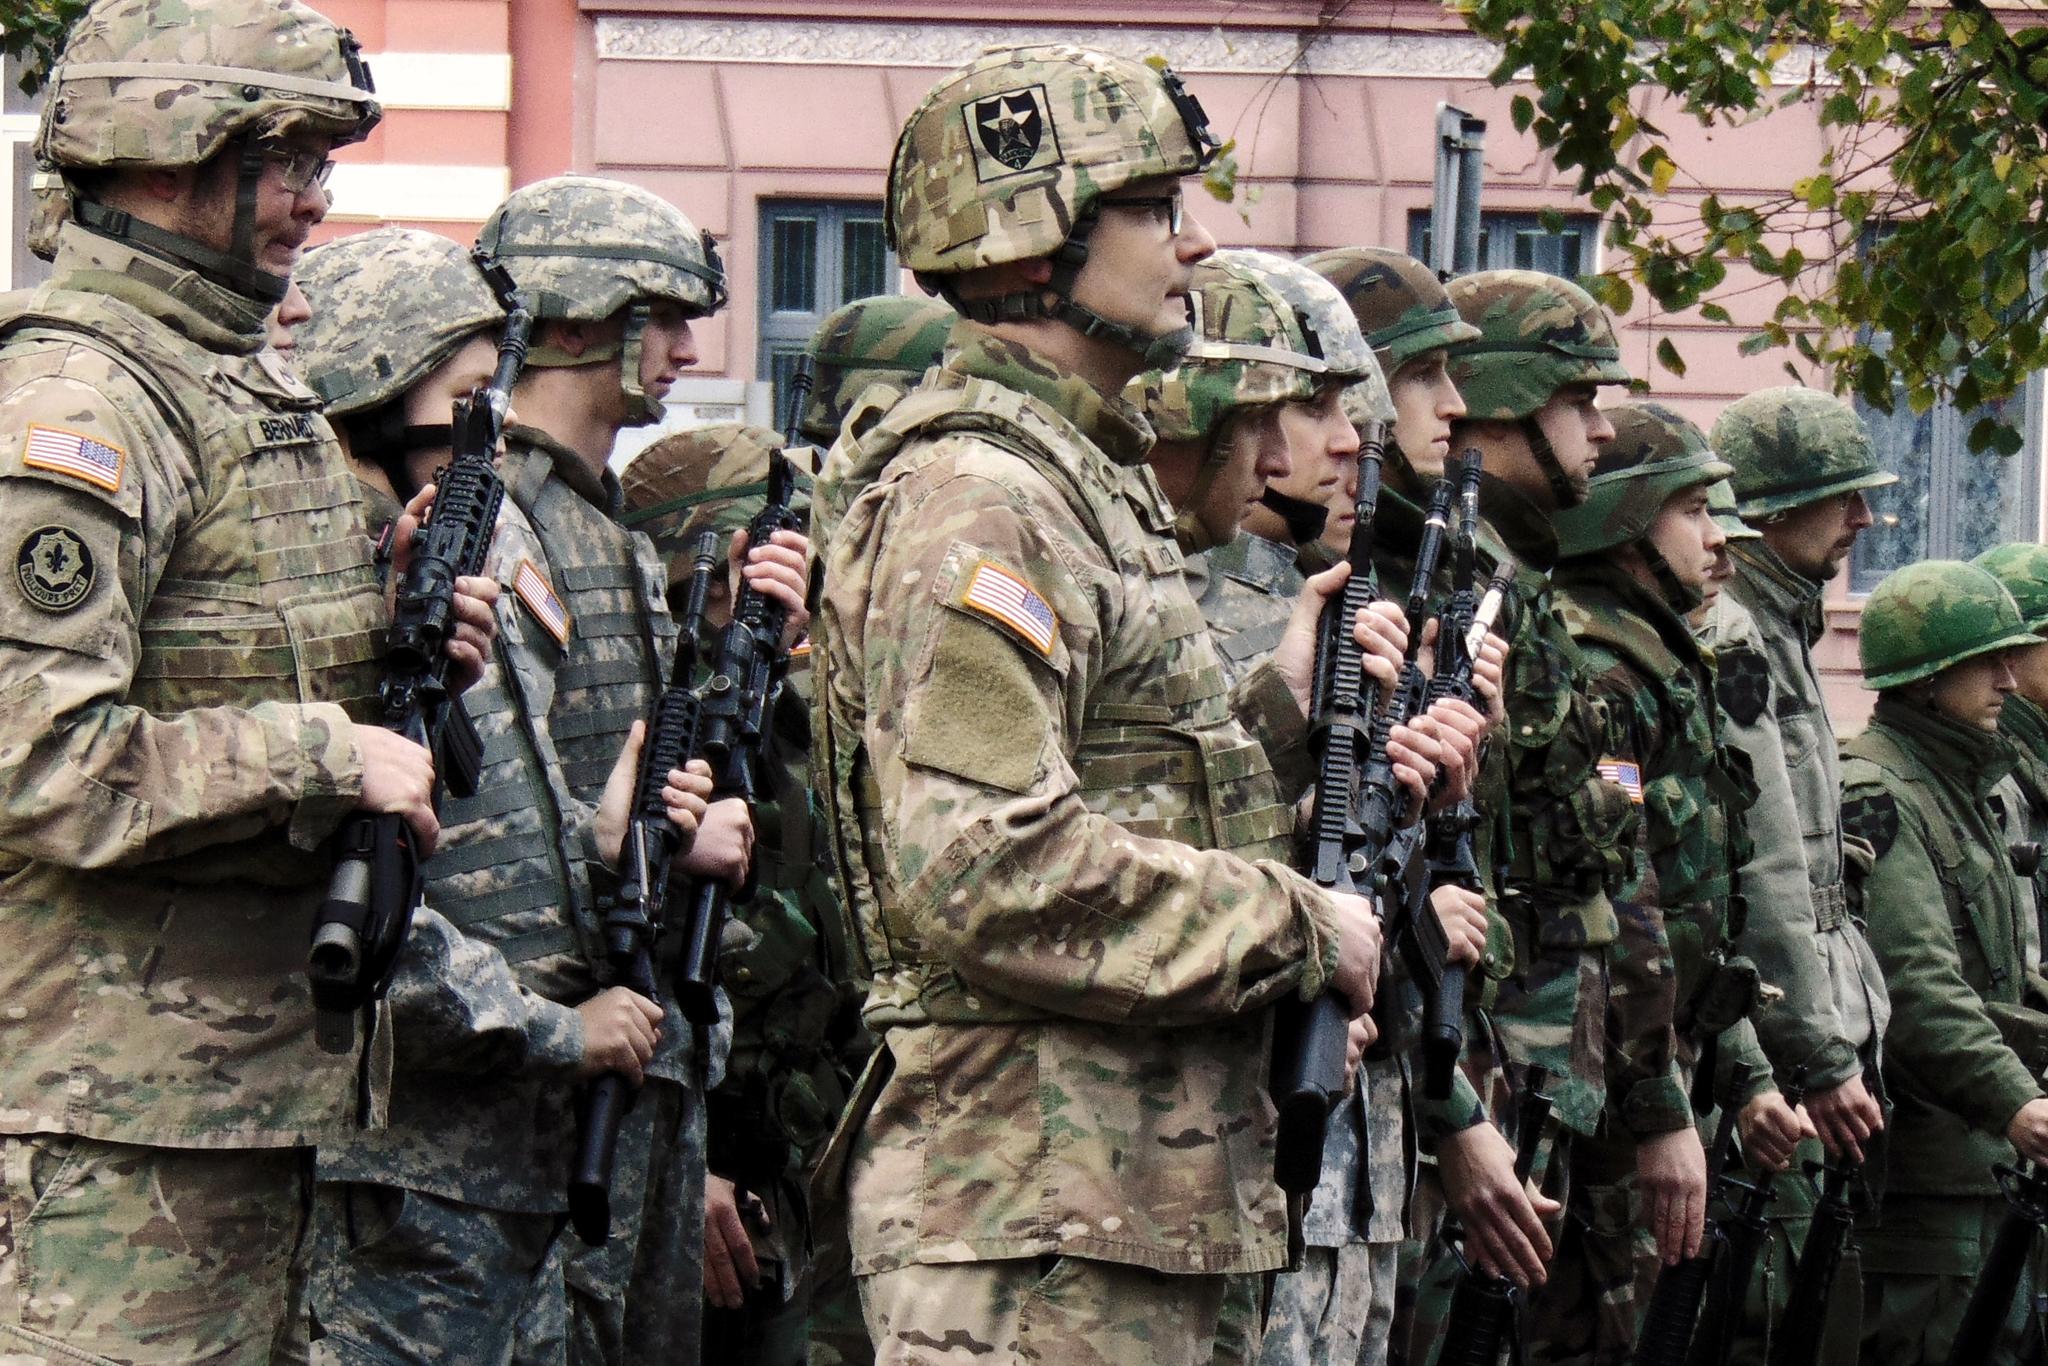 Vojáci 2IDAS na unikátní přehlídce, kterou náš klub zorganizoval u příležitosti stého výročí založení druhé pěší divize